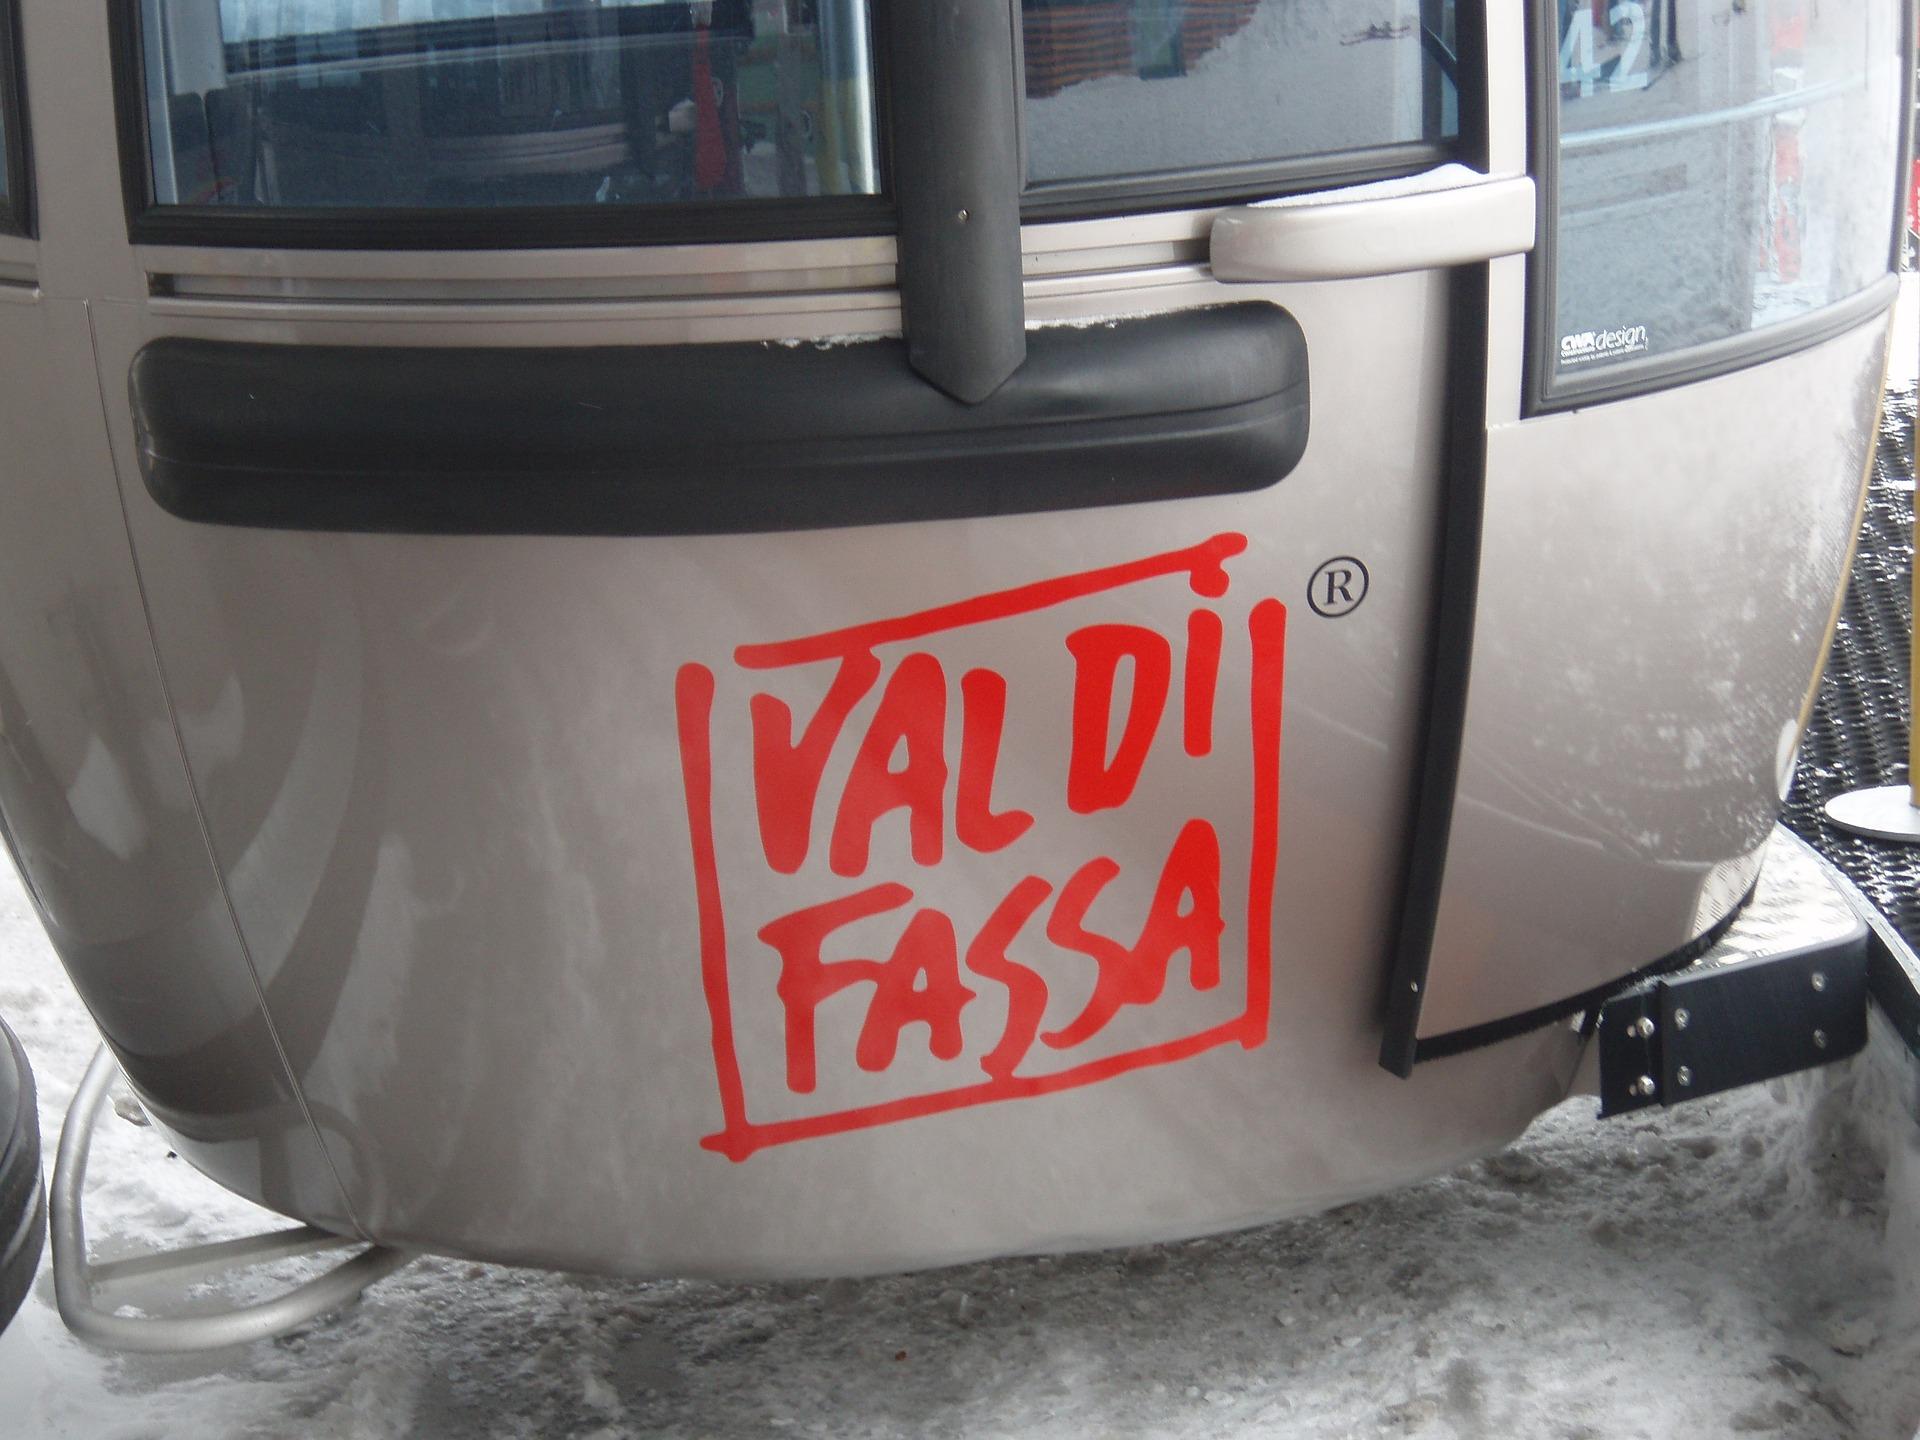 val-di-fassa-434960_1920